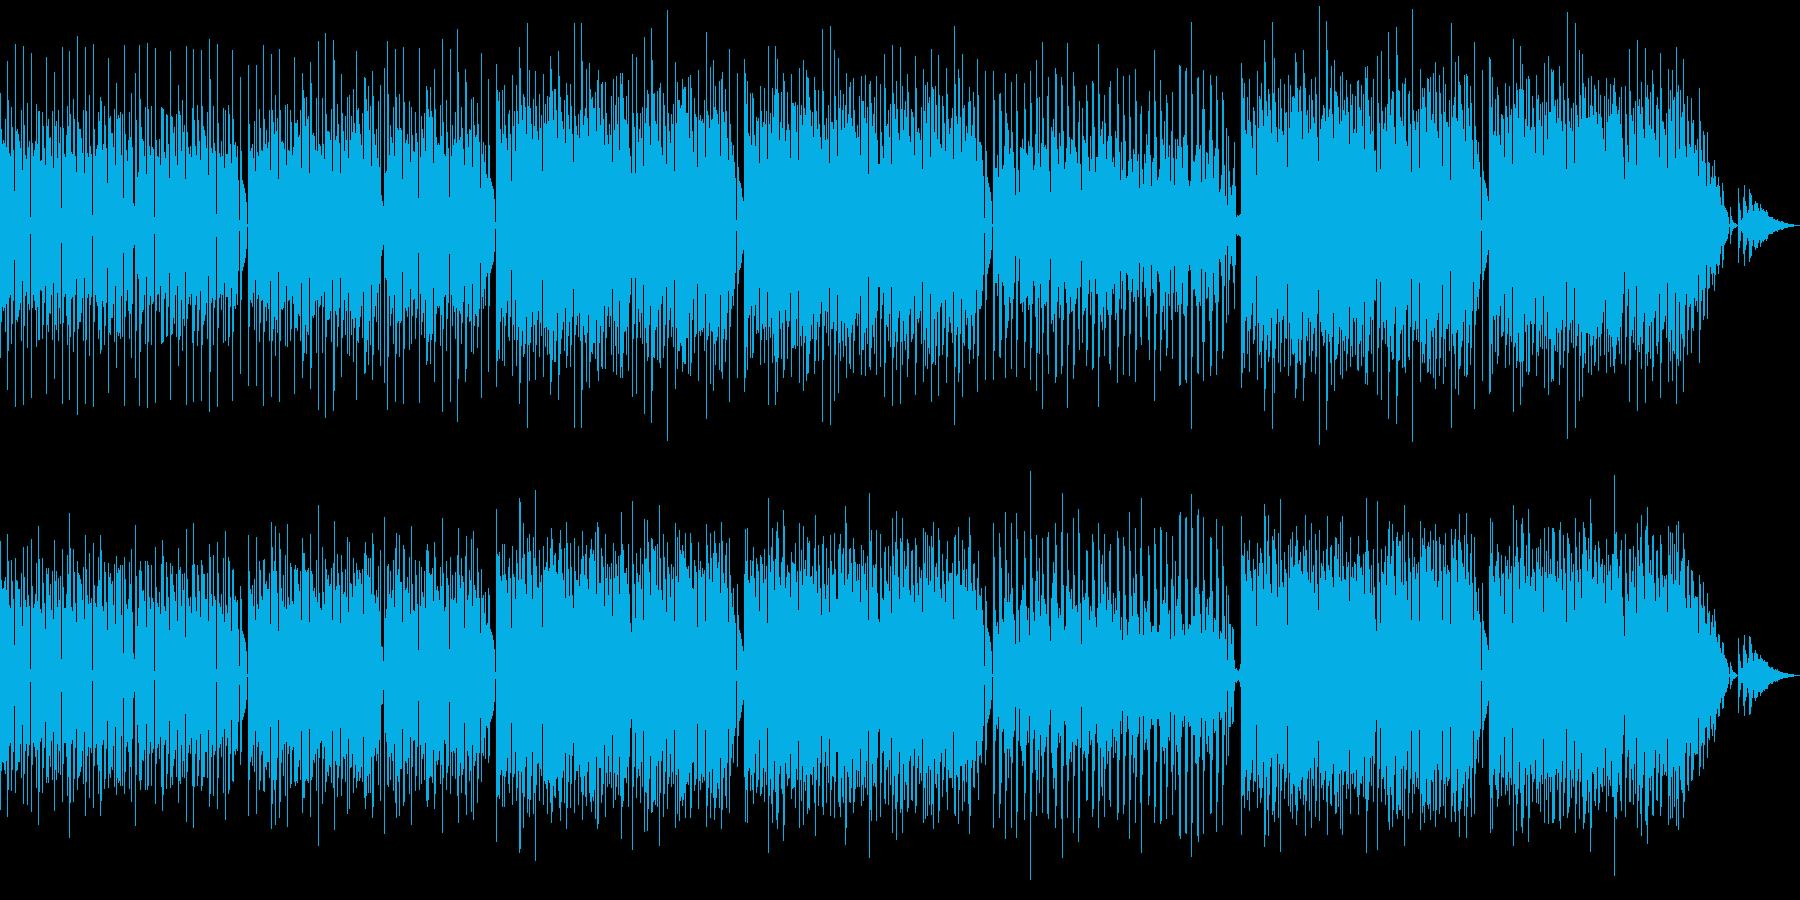 夏の終わりをイメージしたEDMの再生済みの波形